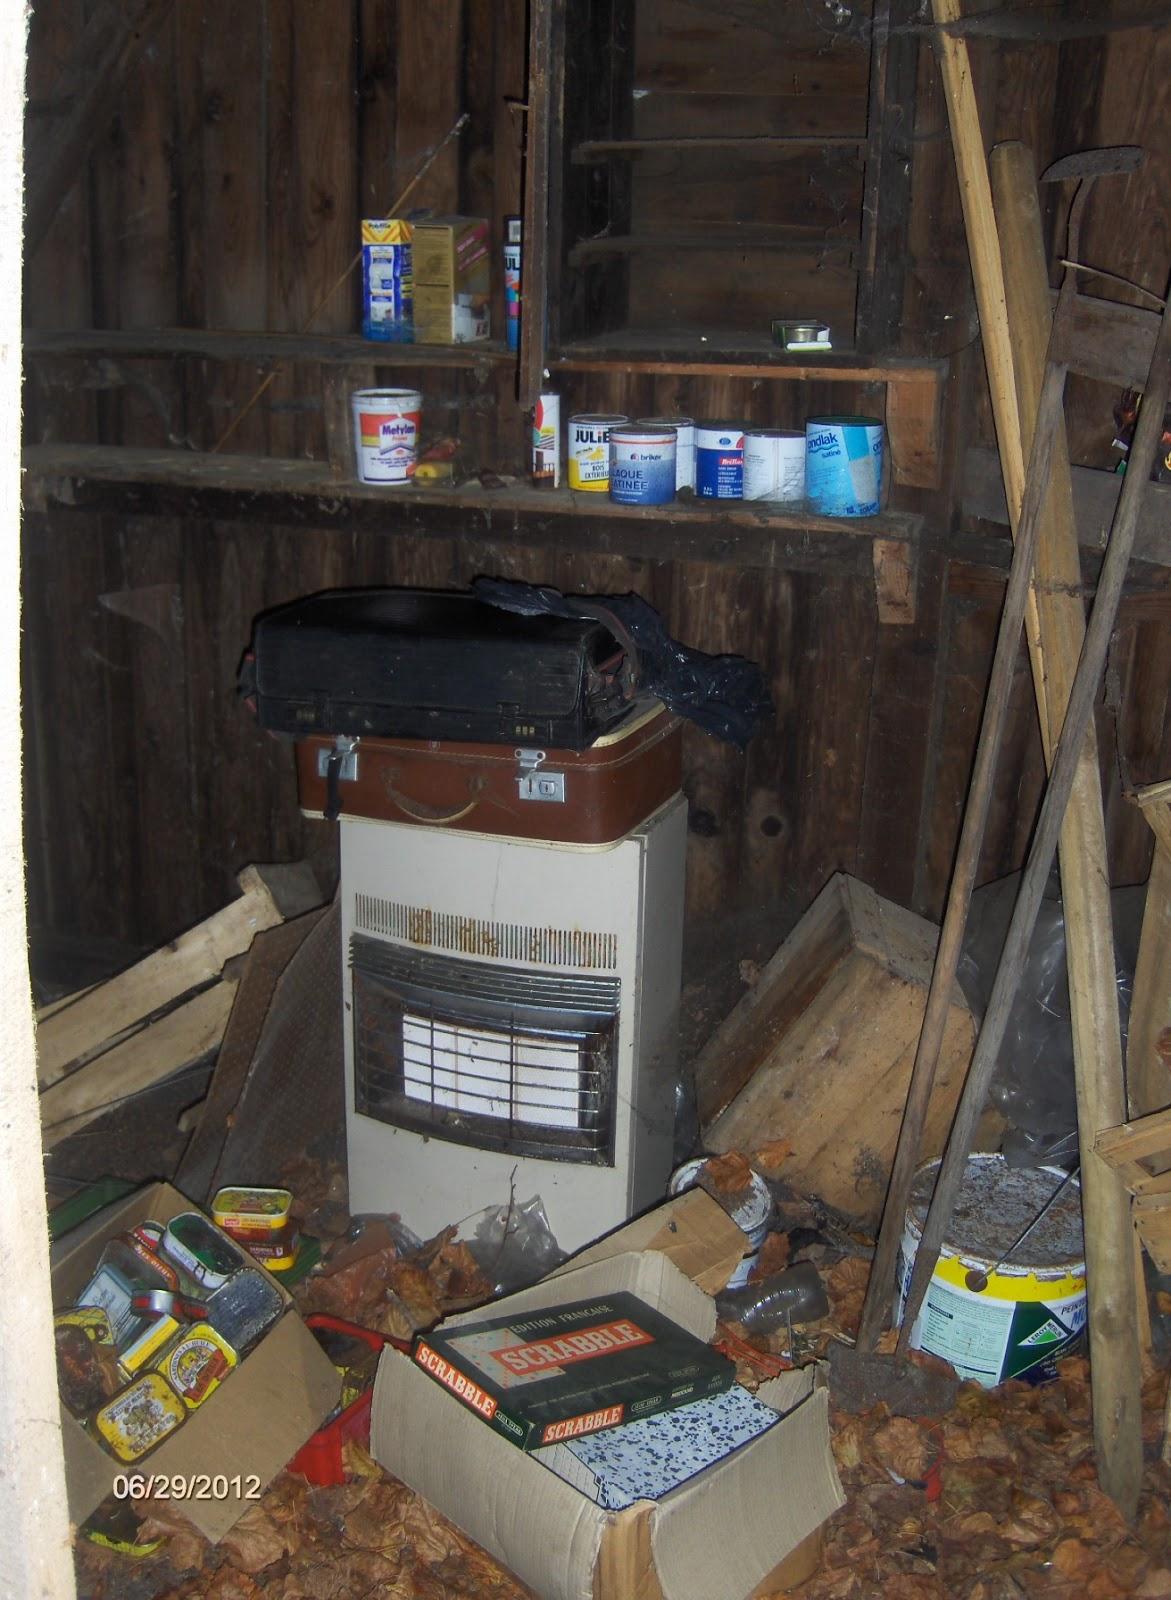 debarrasse tout vide maison cave grenier sur toute la gironde d barrasse vide maison cave. Black Bedroom Furniture Sets. Home Design Ideas